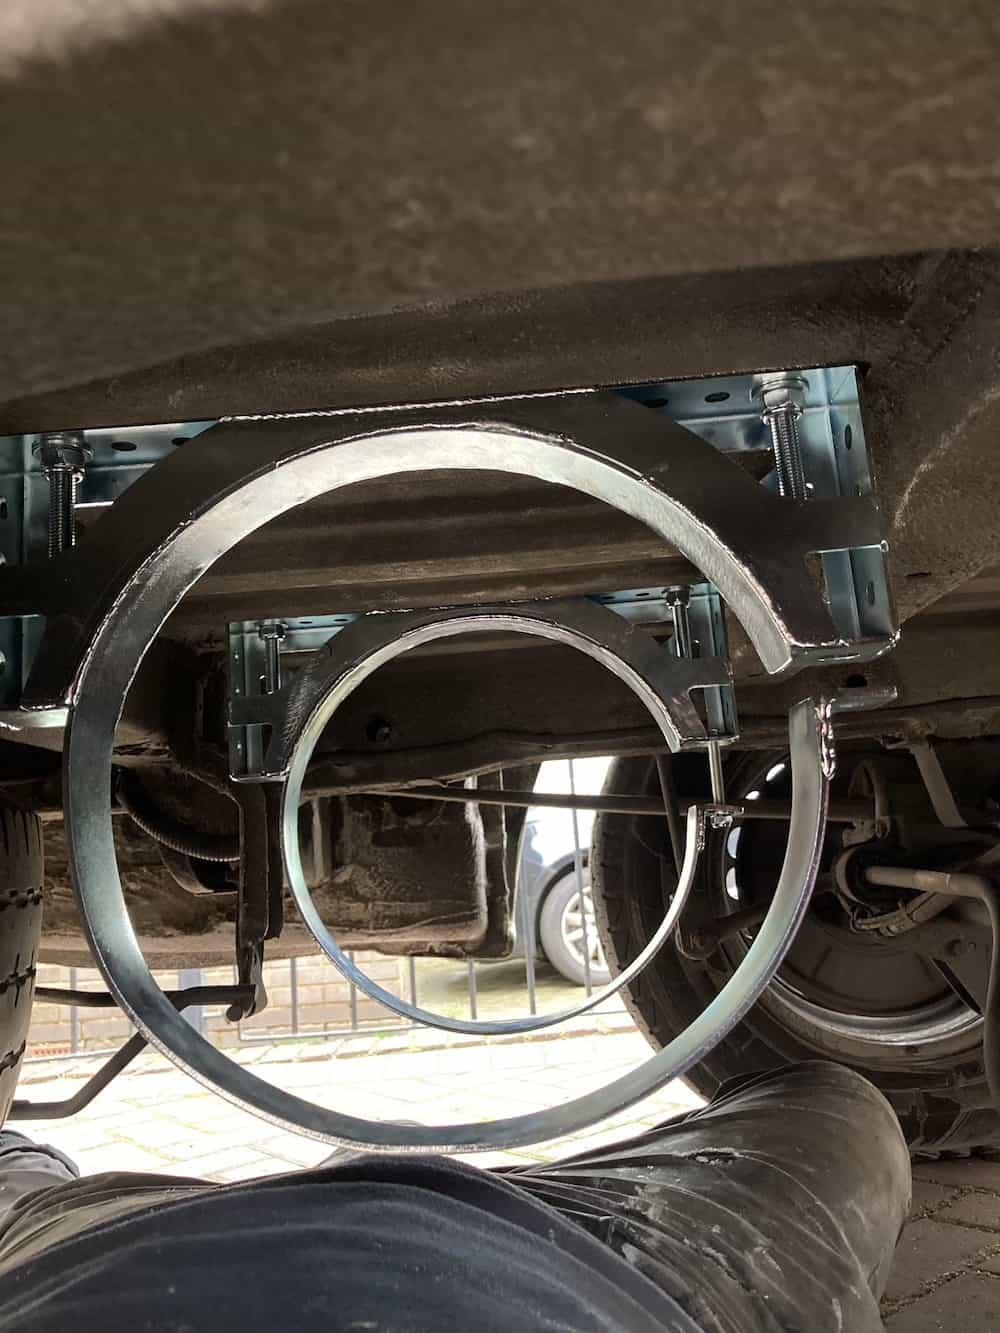 underslung gas tank brackets